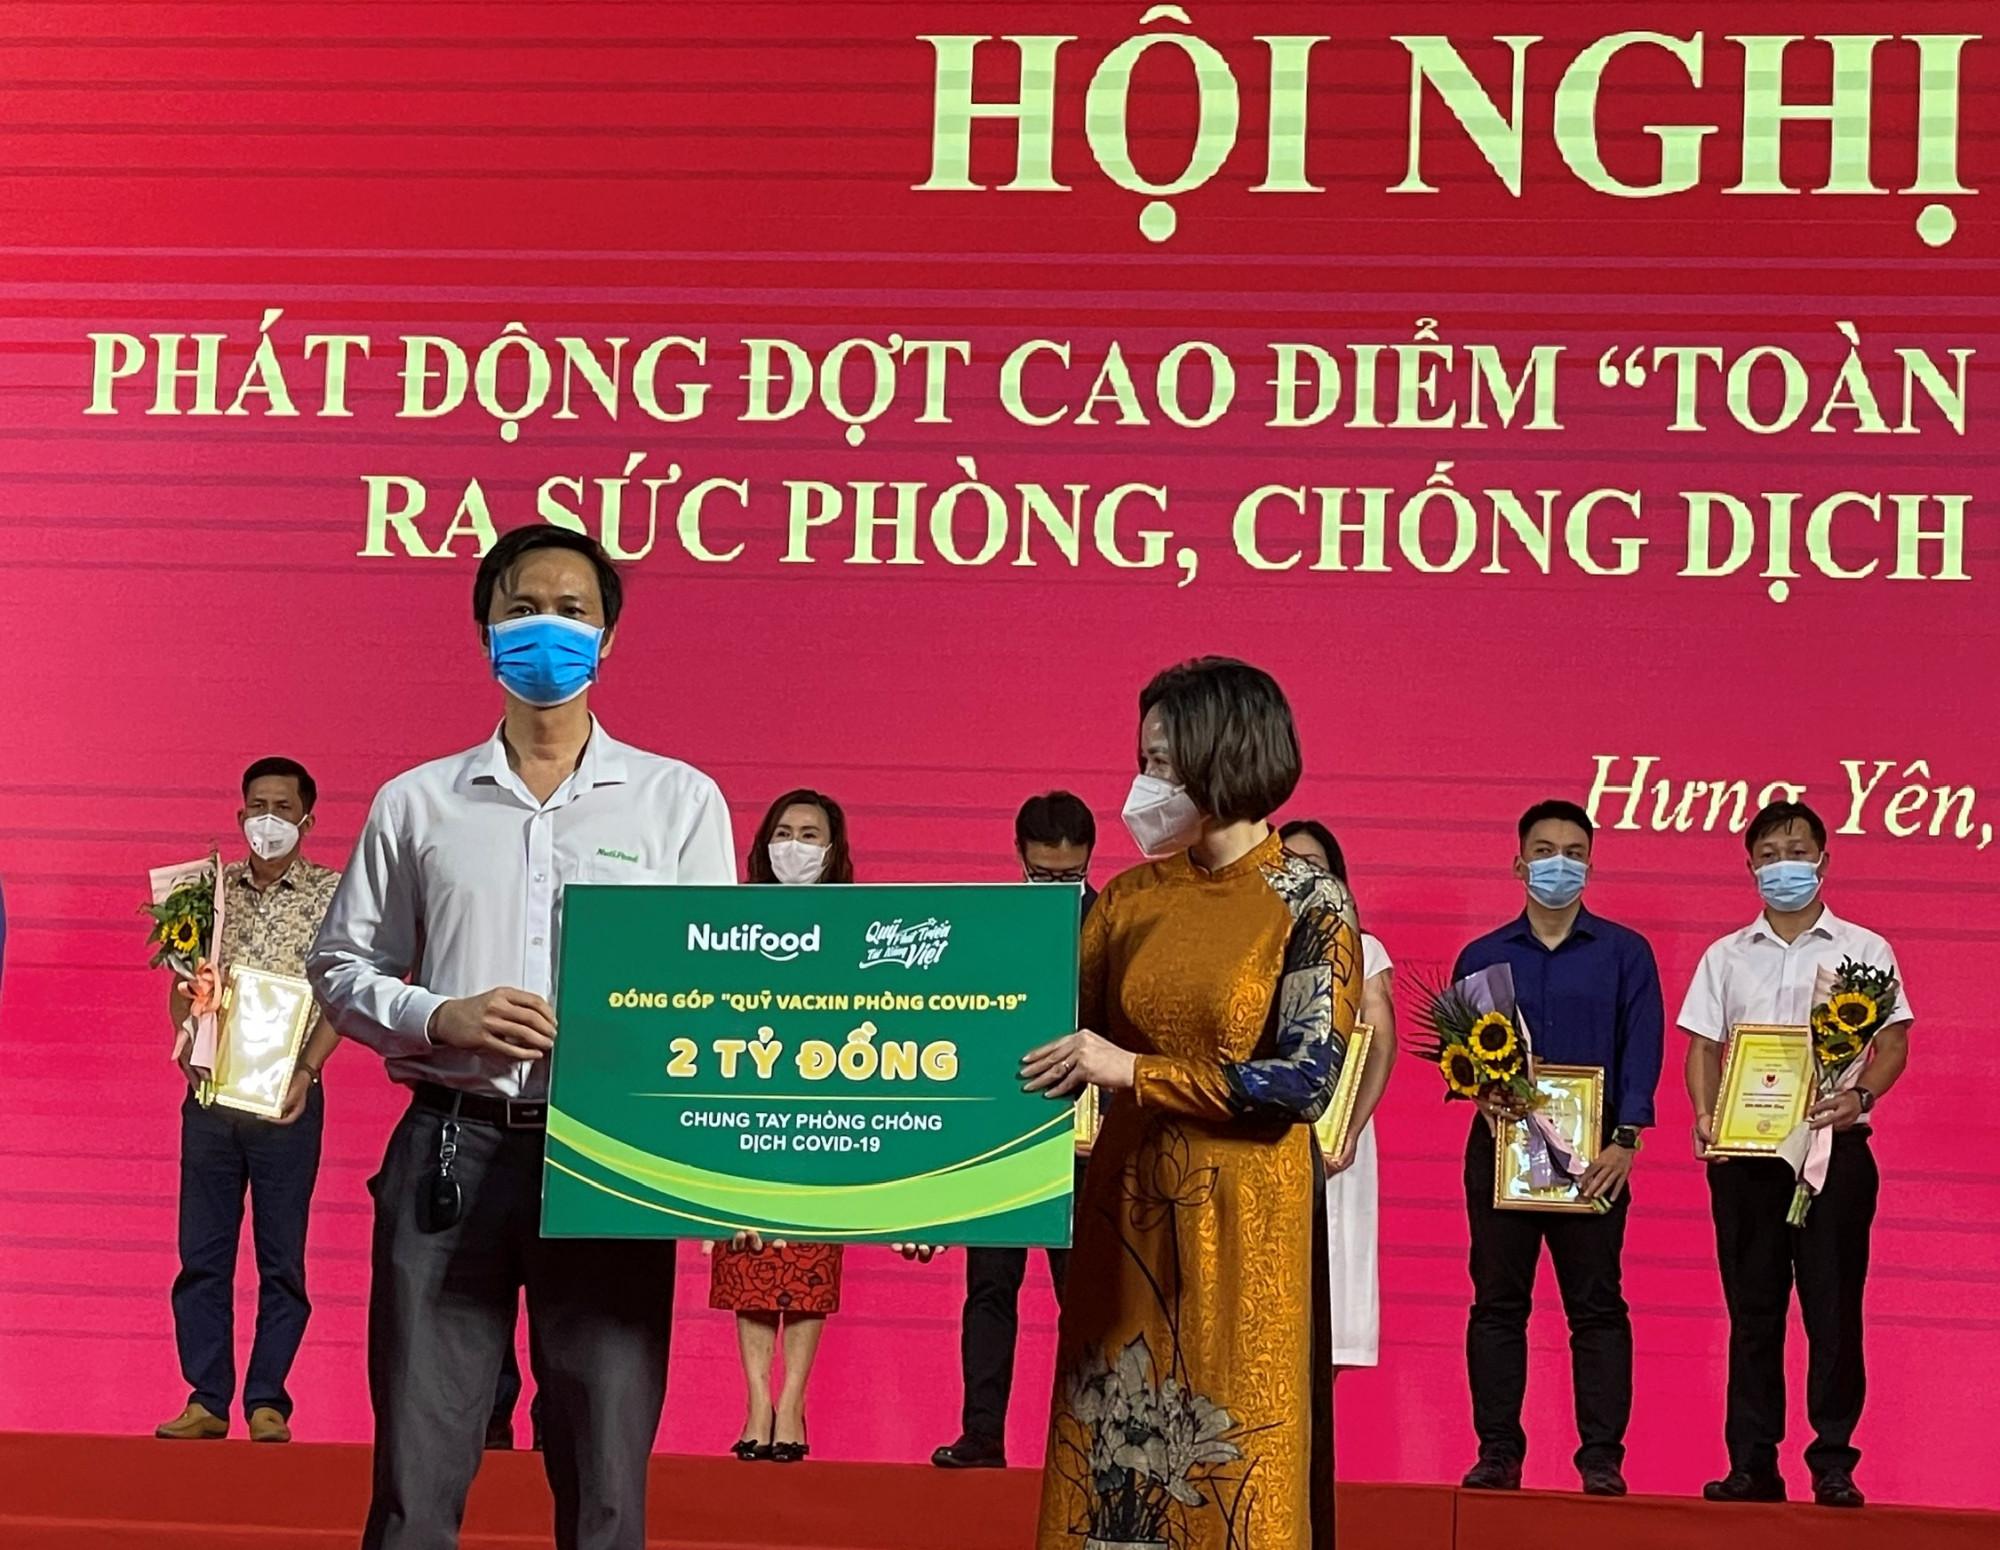 Đại diện Quỹ Phát triển Tài năng Việt của Ông Bầu trao tặng 2 tỷ đồng cho Quỹ Phòng, chống dịch COVID-19 tỉnh Hưng Yên